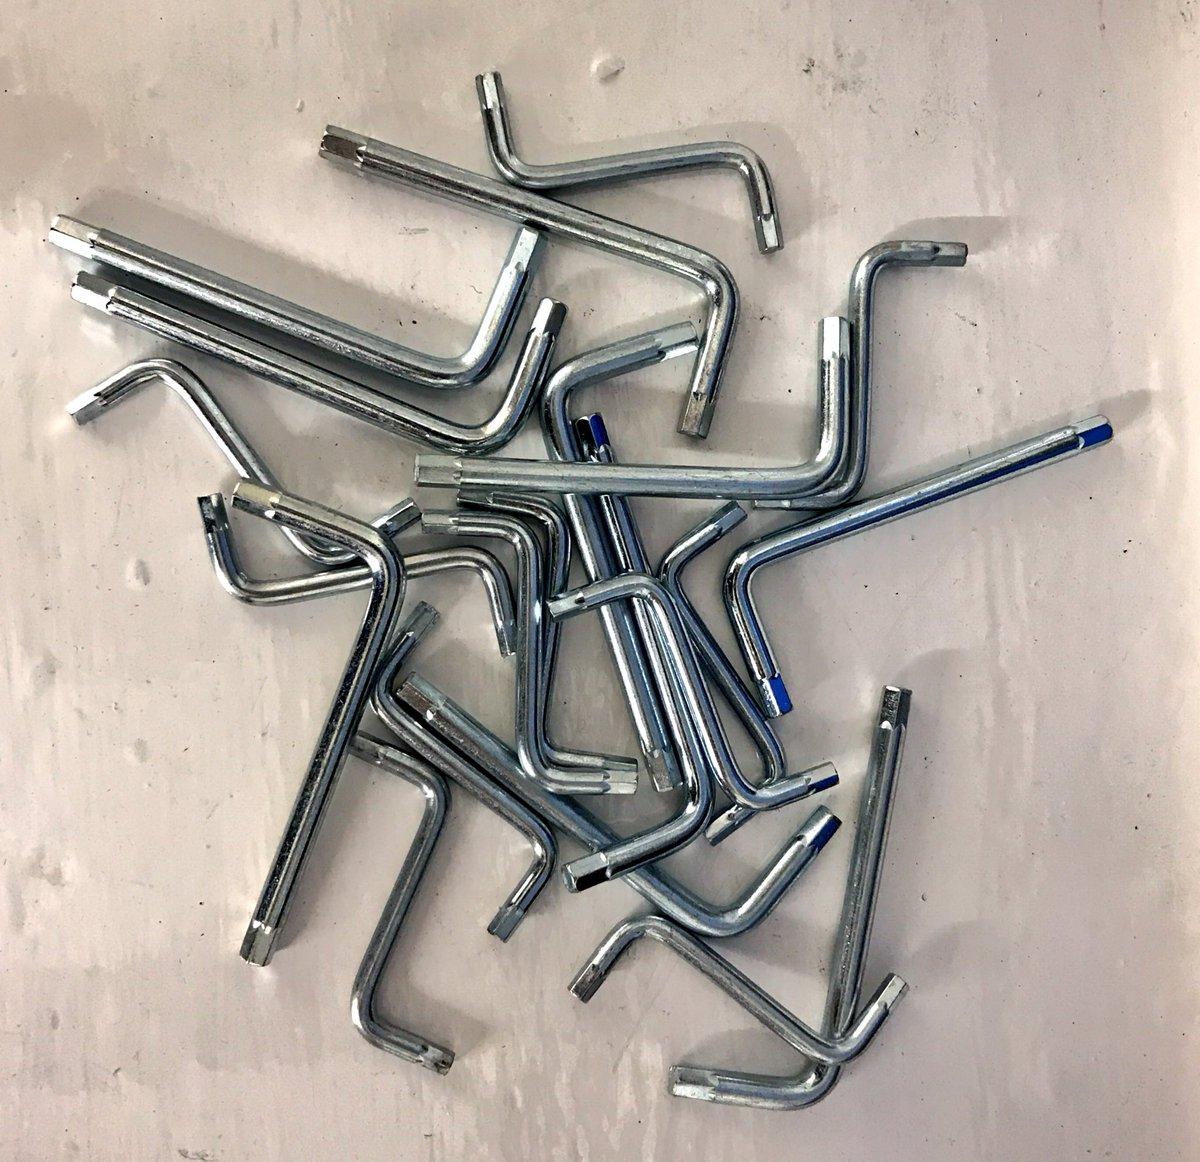 Ikea Uk Support On Twitter Hi Sharon